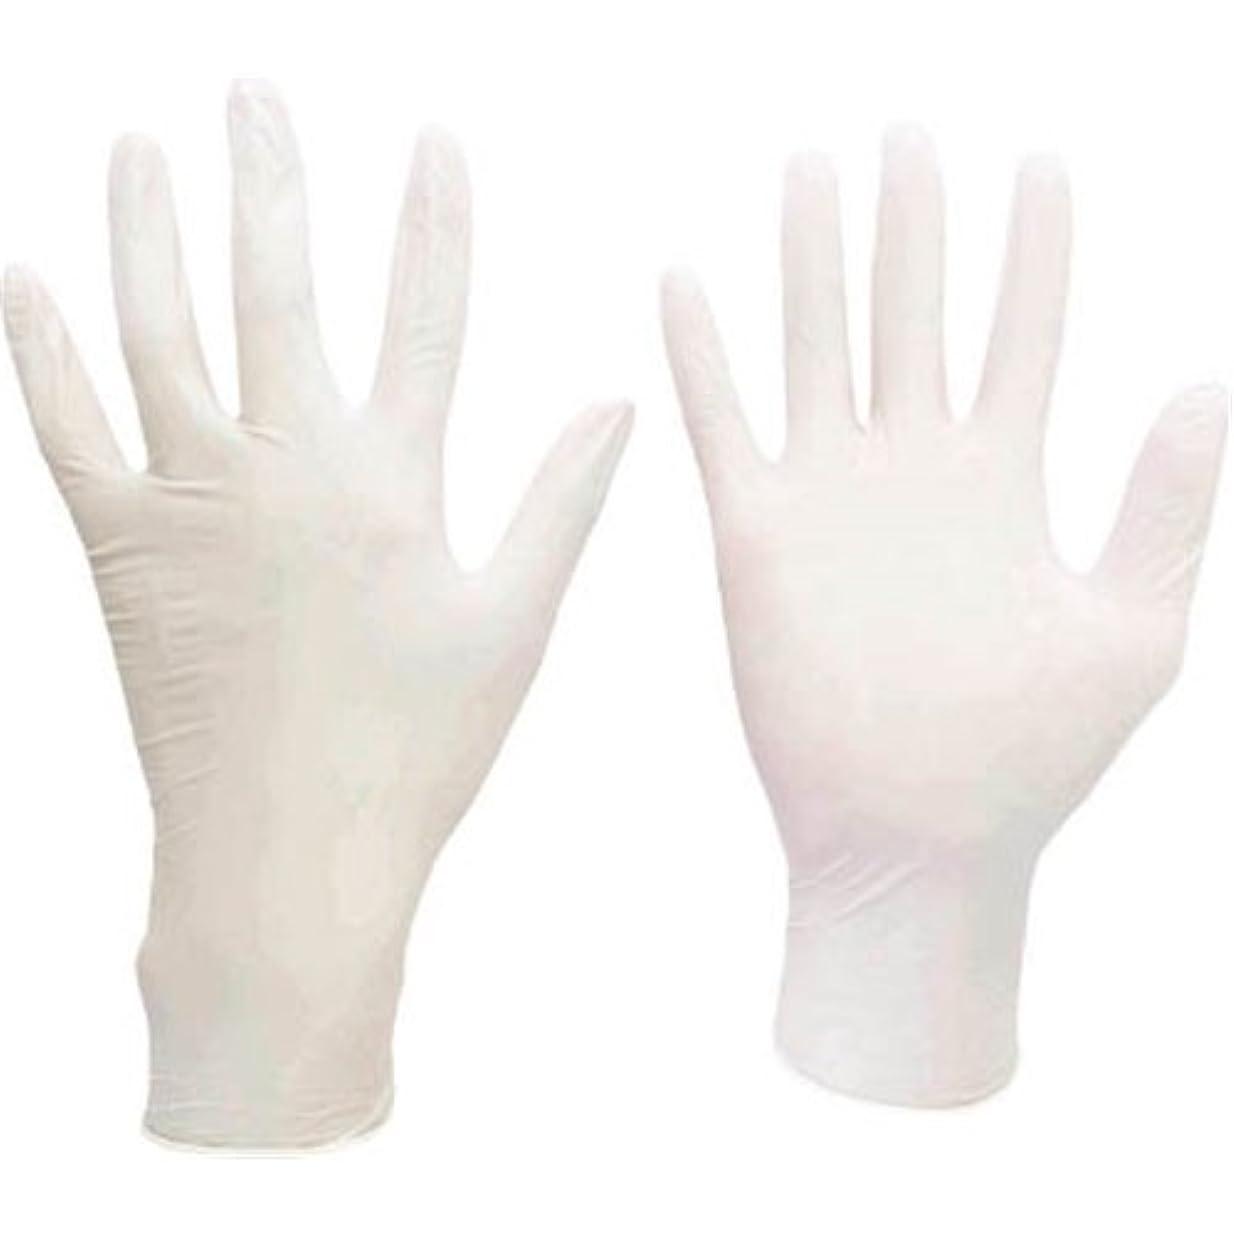 郵便番号万歳草ミドリ安全/ミドリ安全 ニトリル使い捨て手袋 極薄 粉なし 100枚入 白 M(3889084) VERTE-711-M